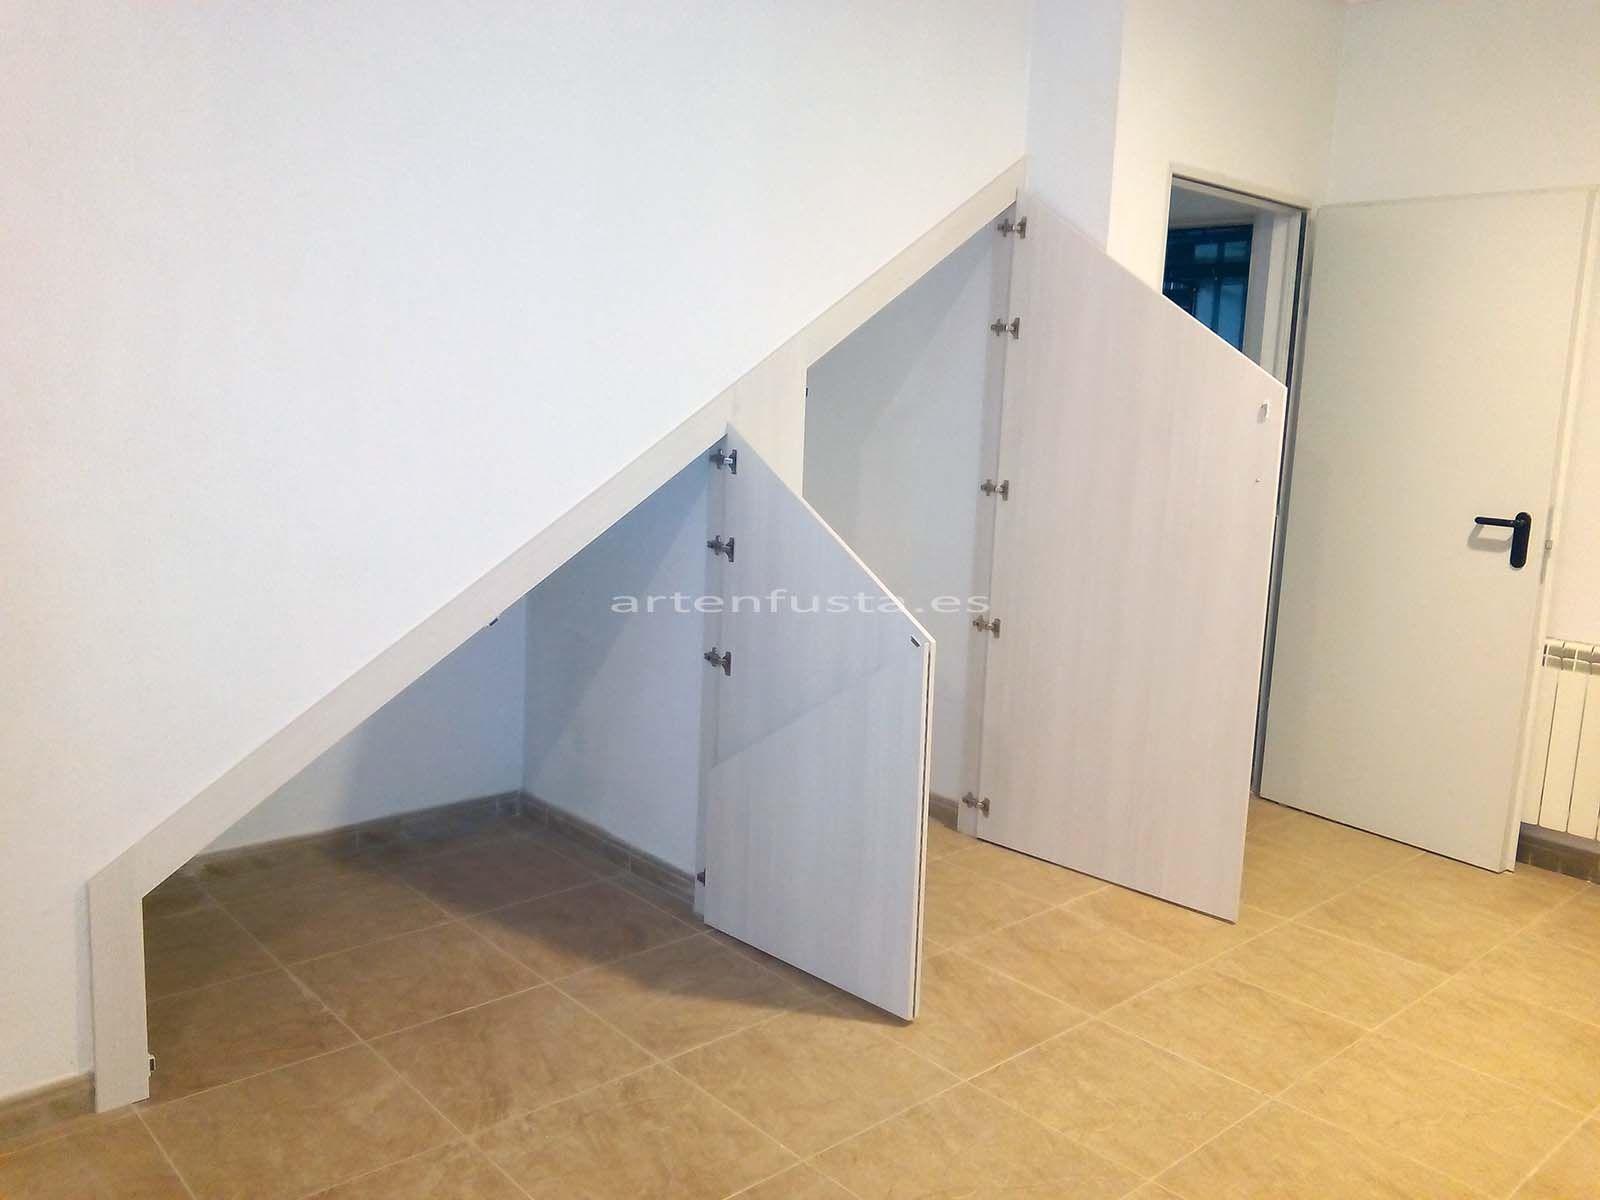 Puertas a medida de bajo de escalera elche alicante for Hueco bajo escalera